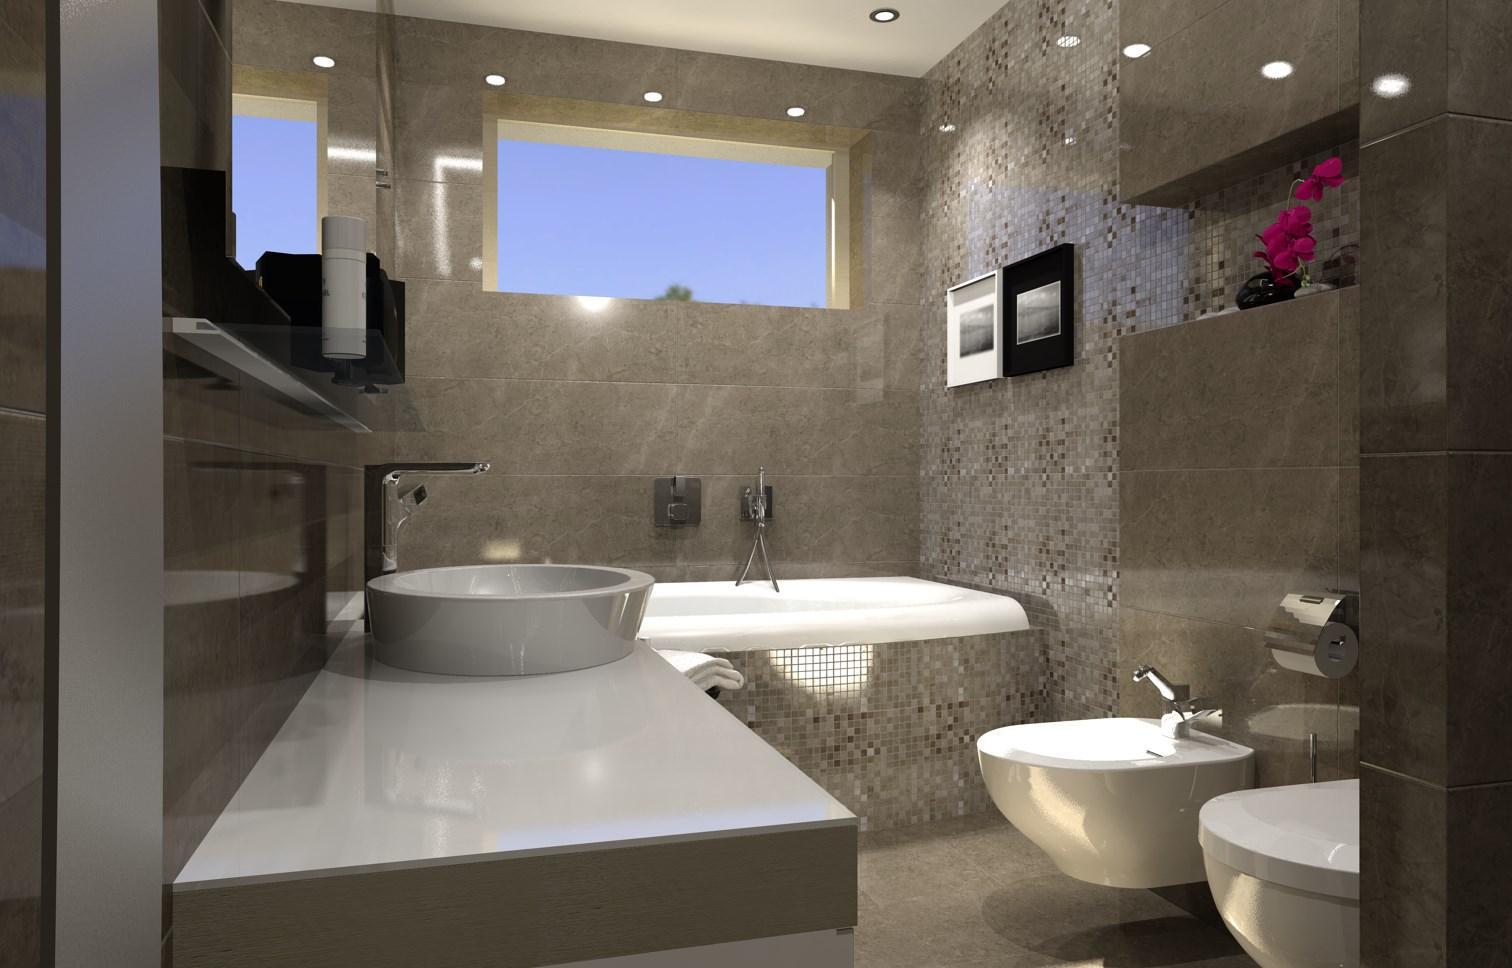 Vizualizácie kúpeľní v rodinnom dome. - Vizualizácia kúpeľne GRAFITE 32,5x97,7